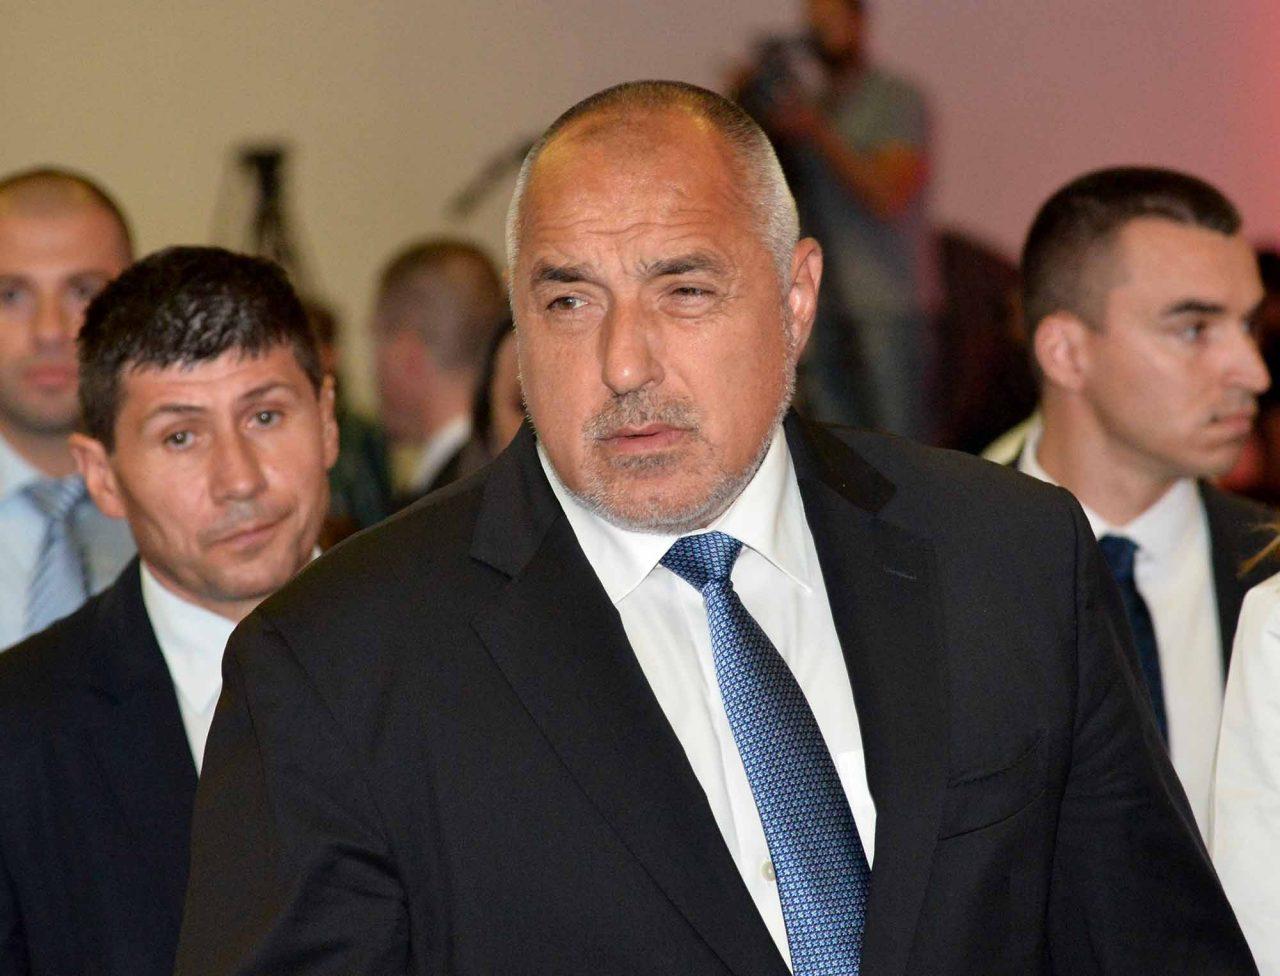 -Борисов-България-в-еврозоната-31-1280x976.jpg